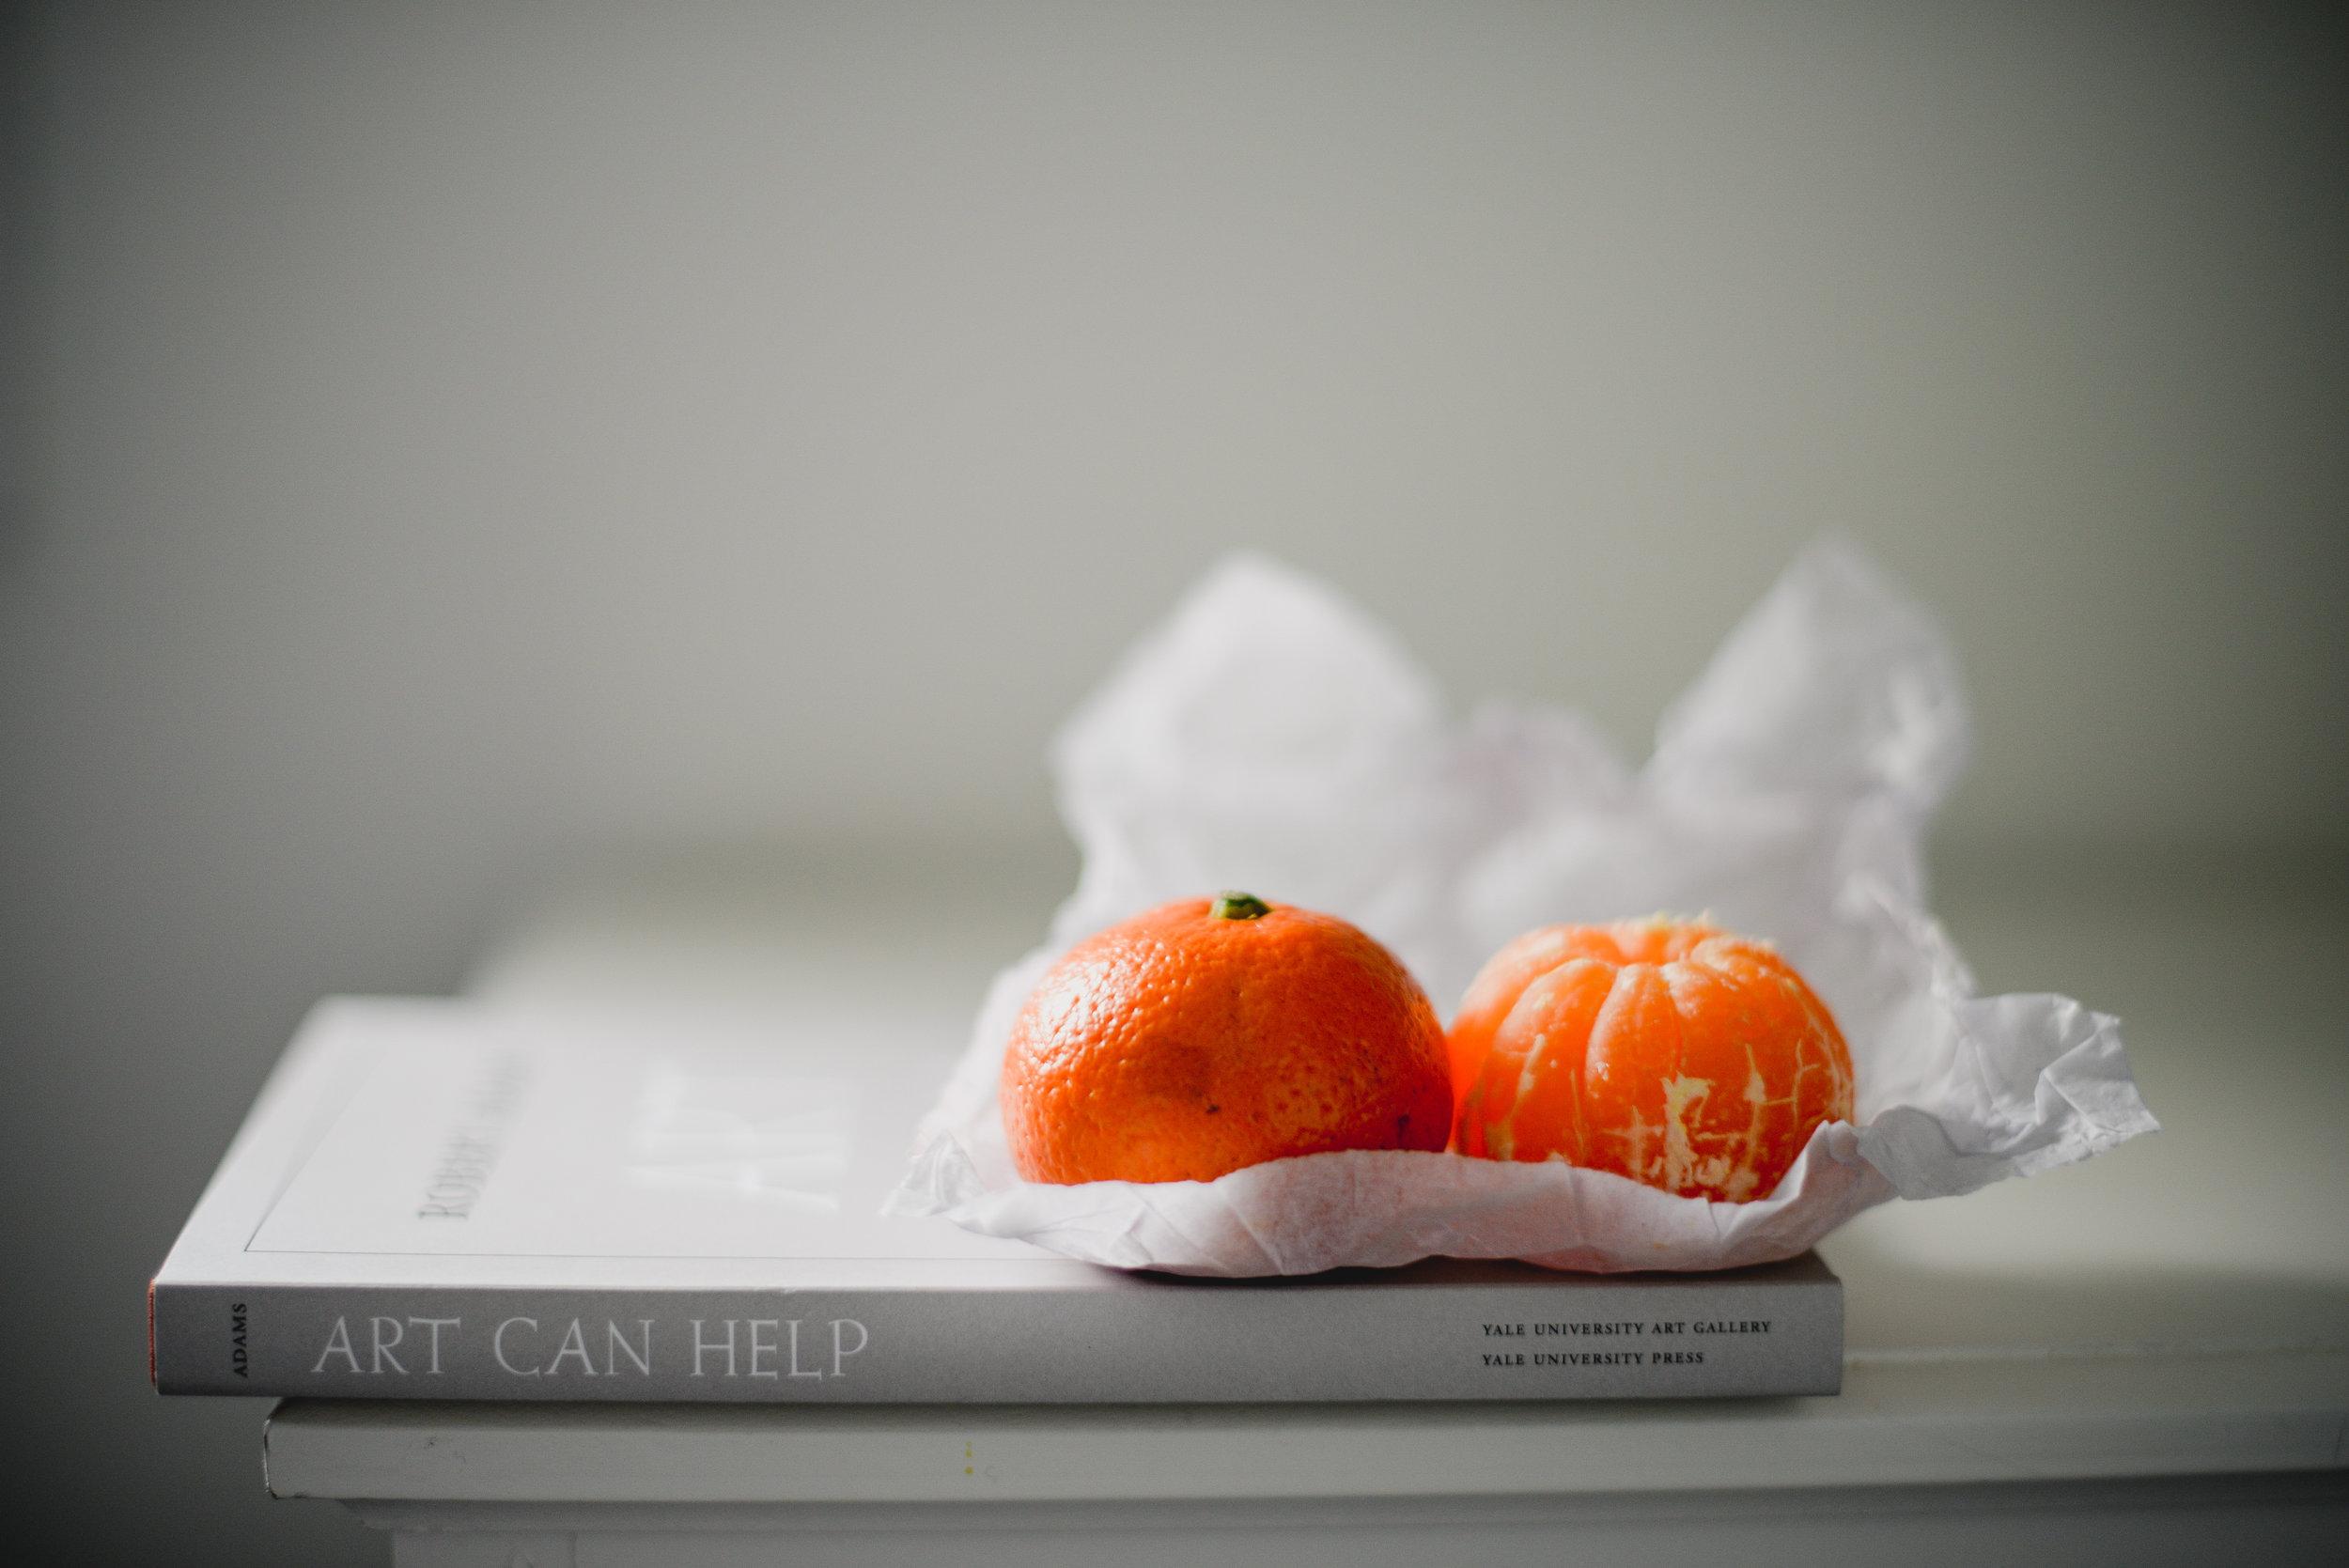 oranges and book